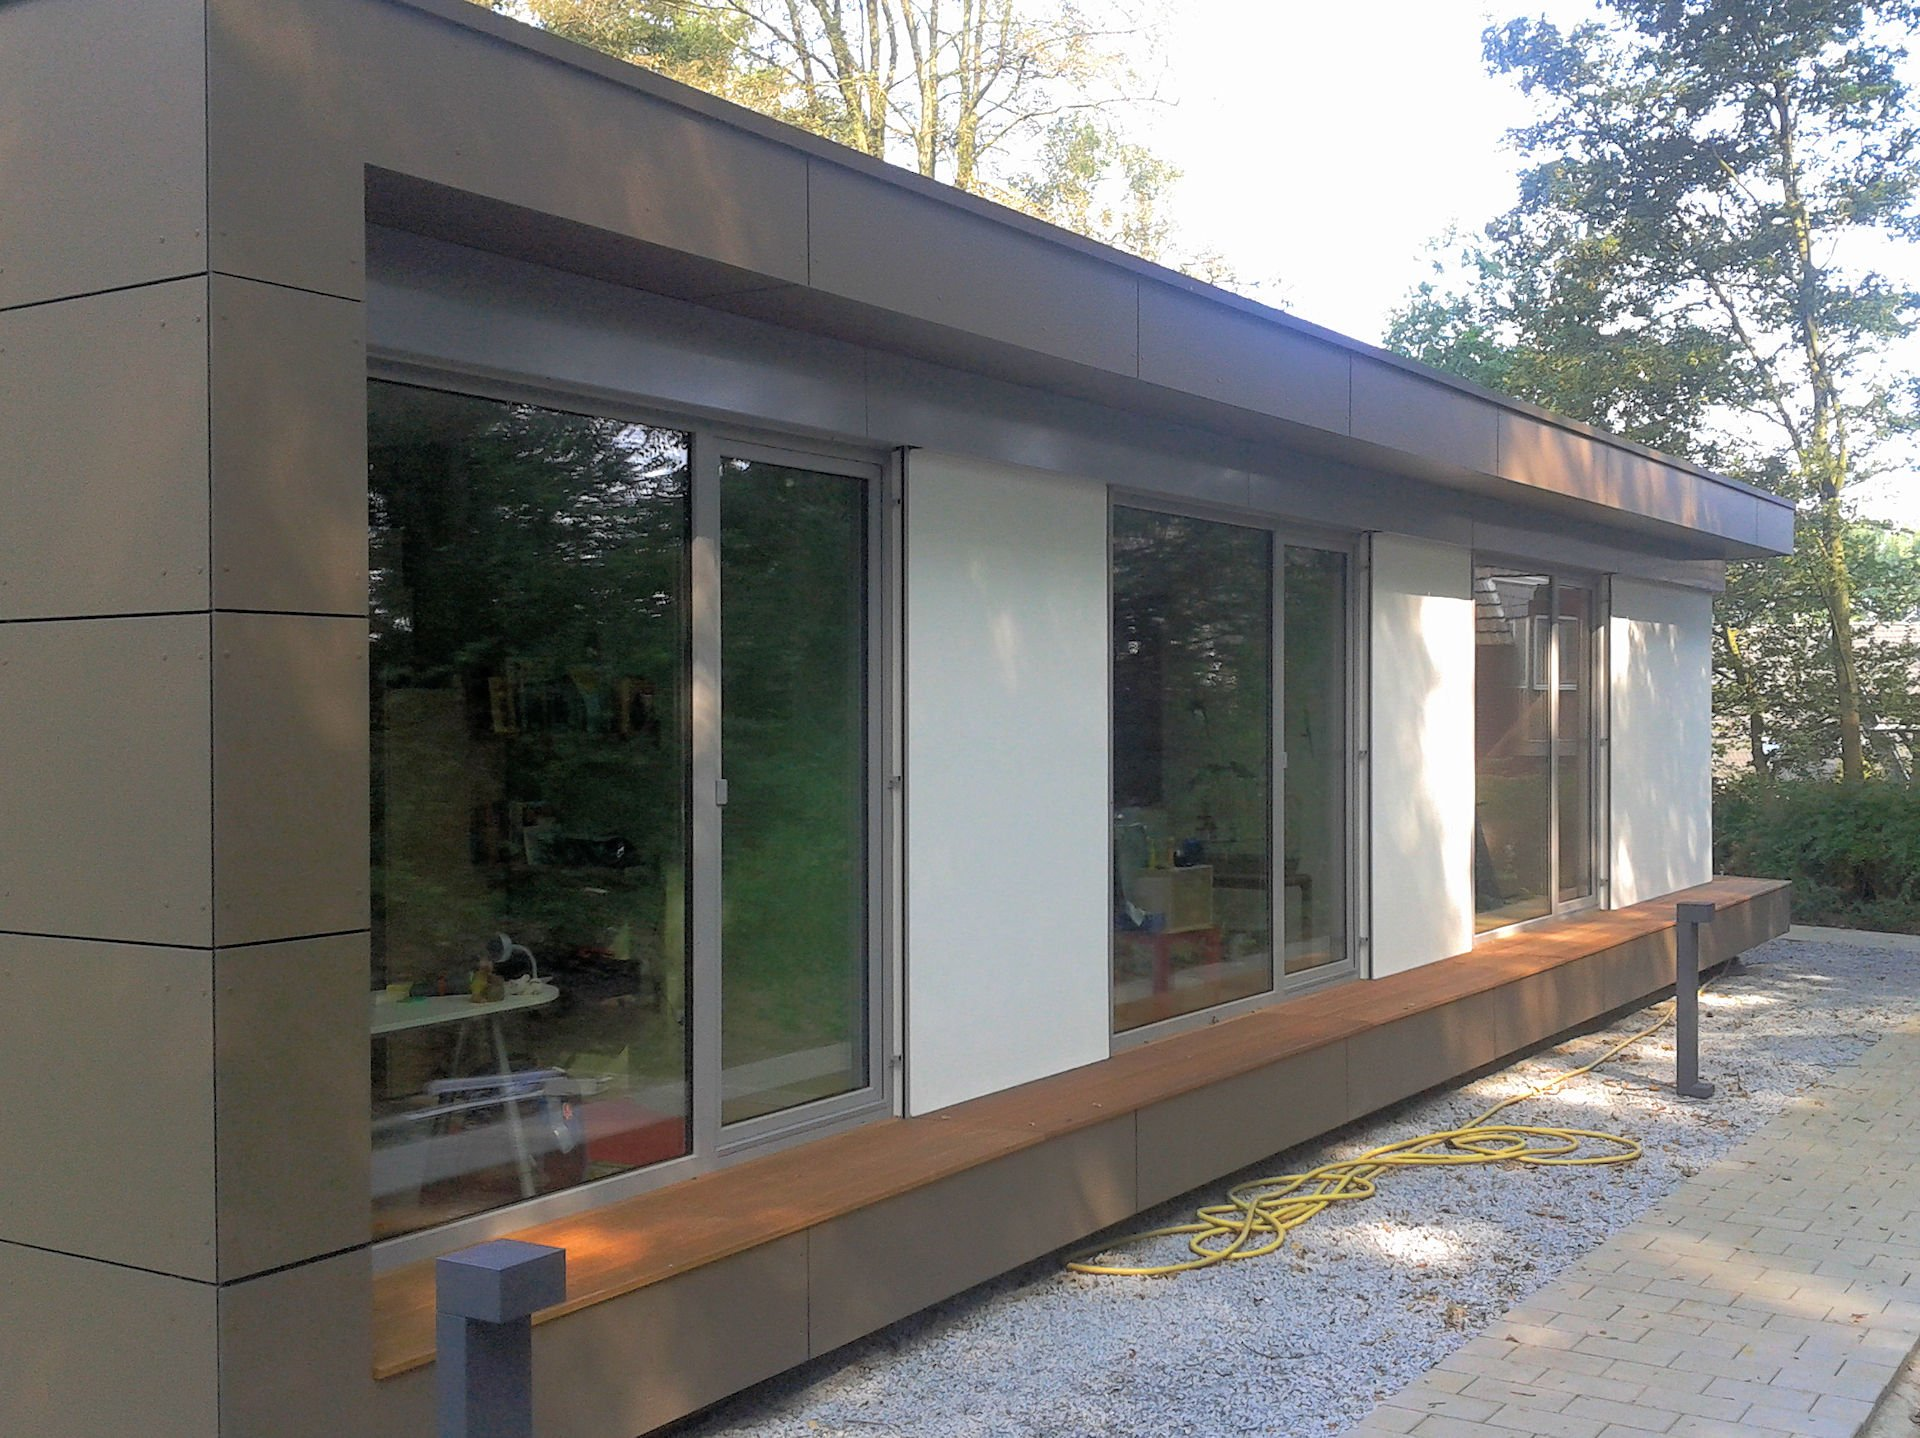 moderer Flachdachbungalow mit bodentiefen Fensterelementen